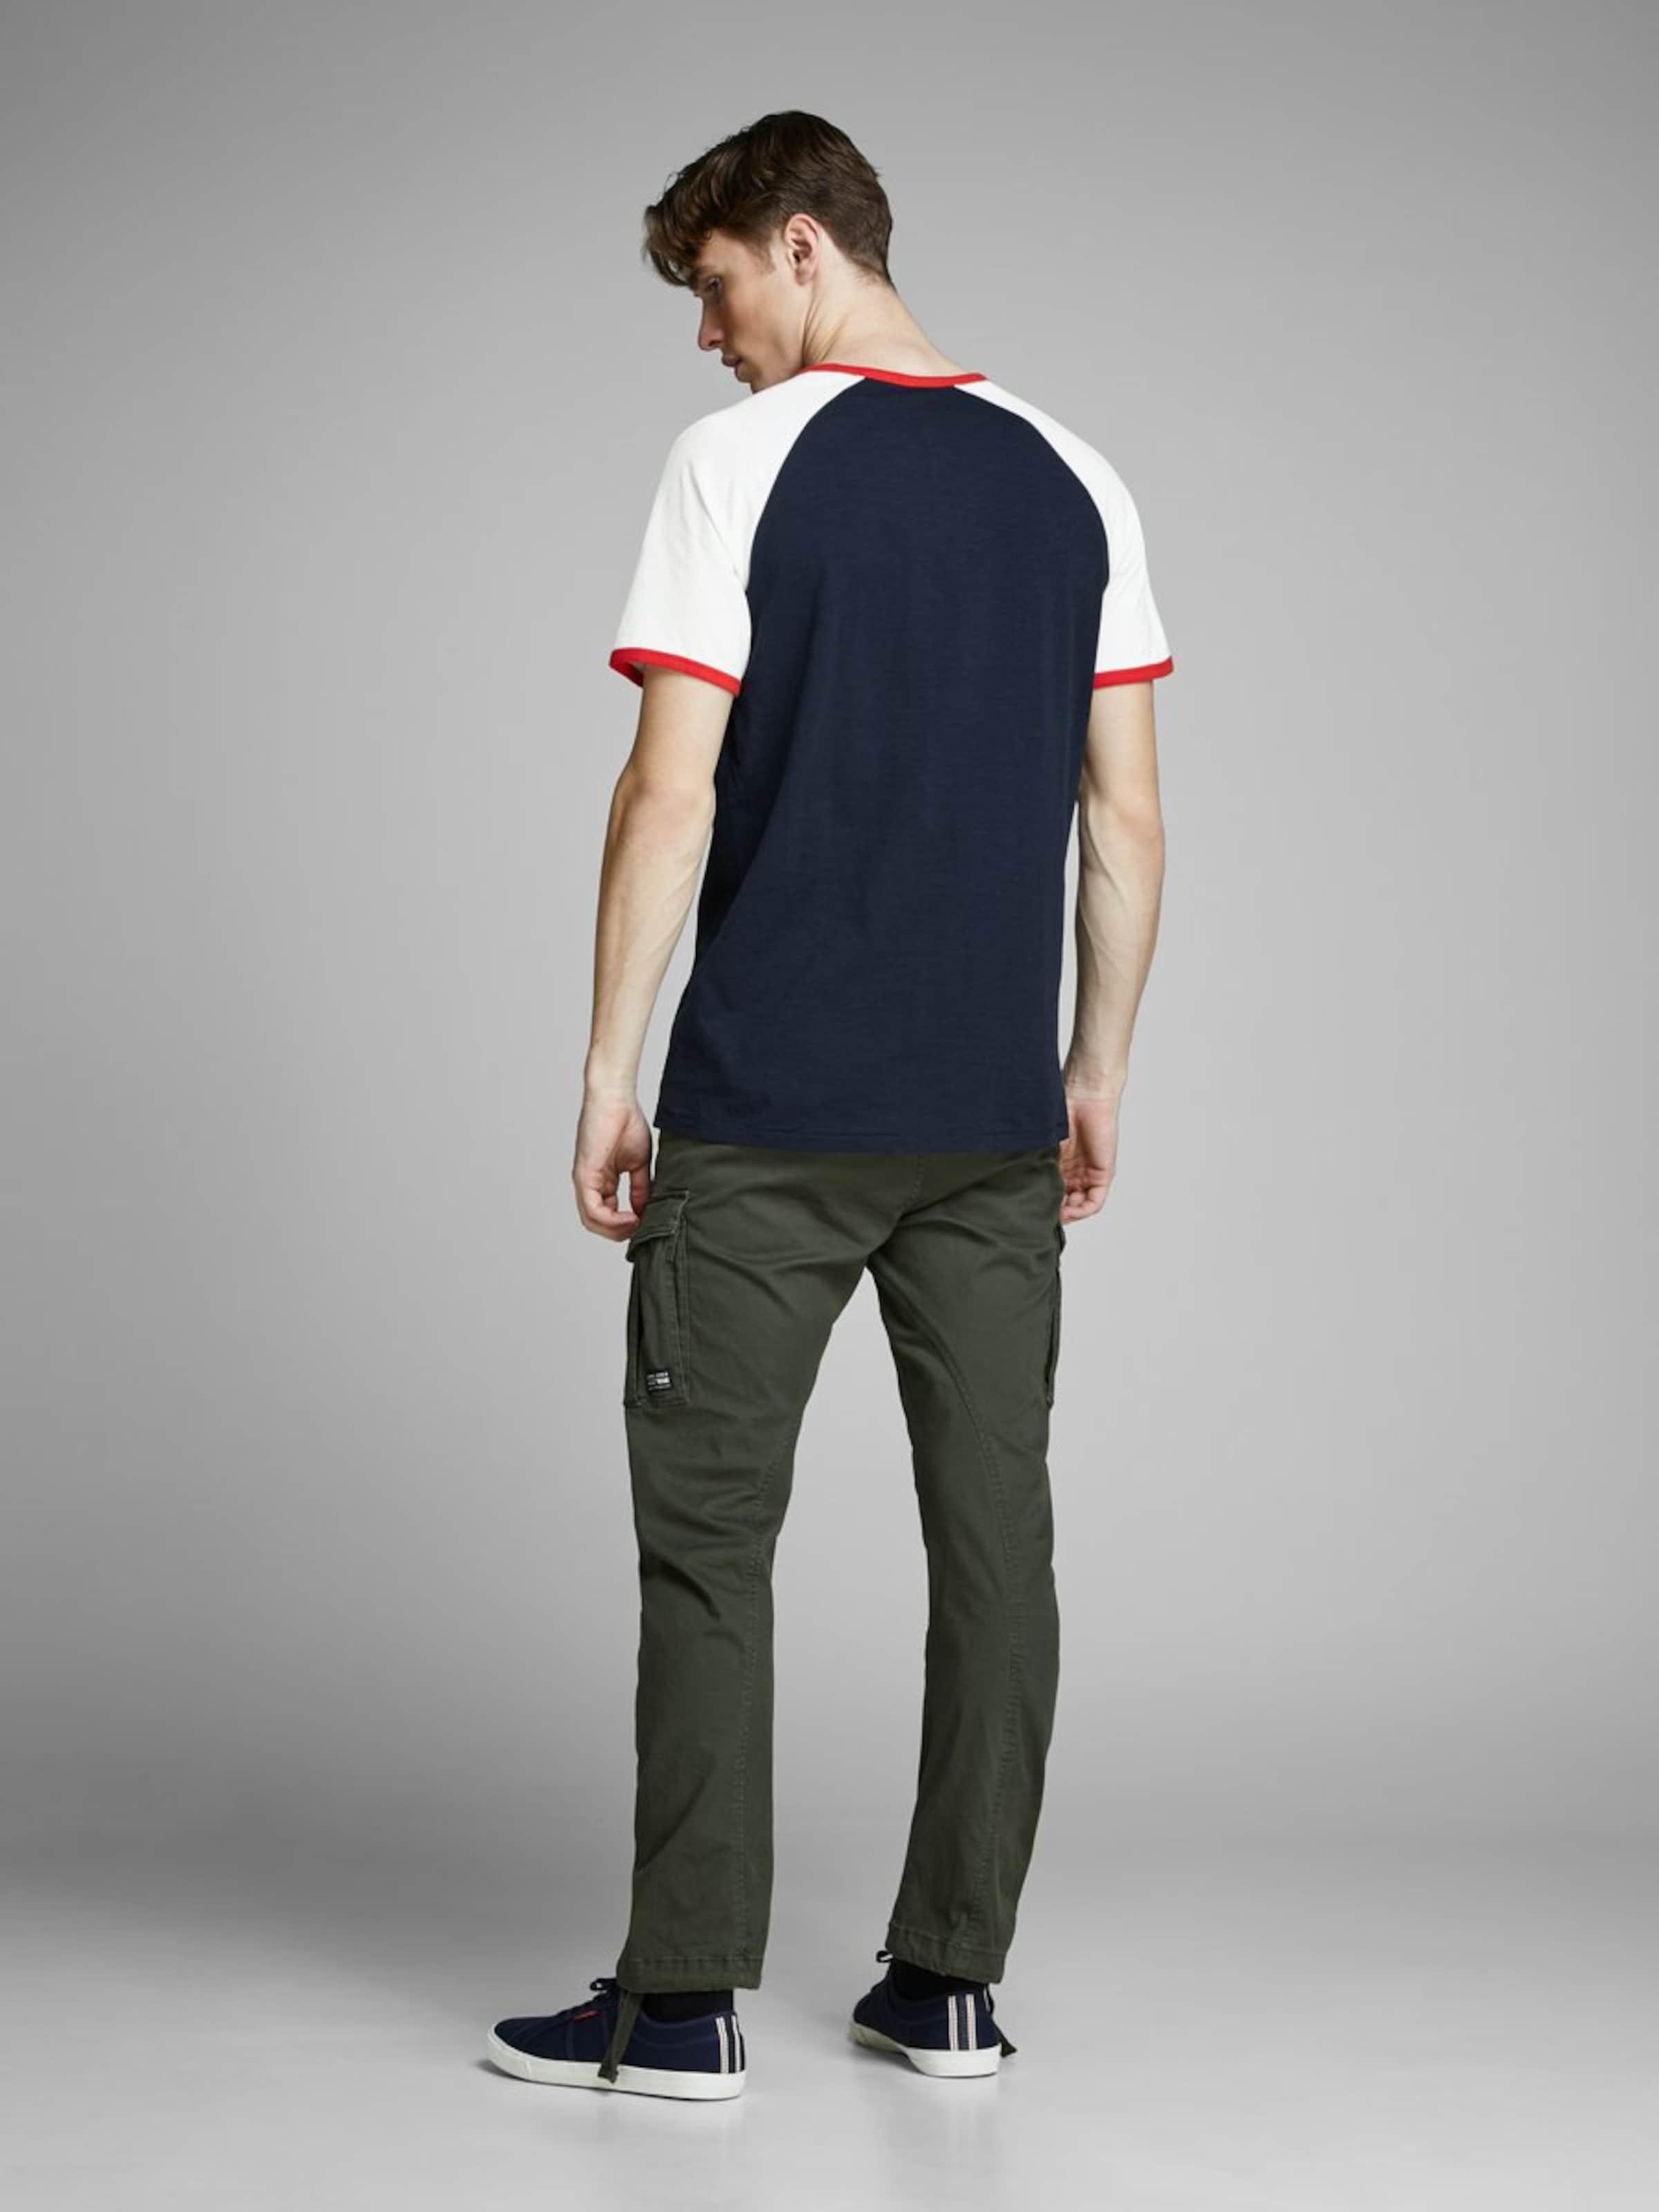 Jackamp; Rouge shirt En CrèmeBleu Jones T Chiné OuiTXZPk